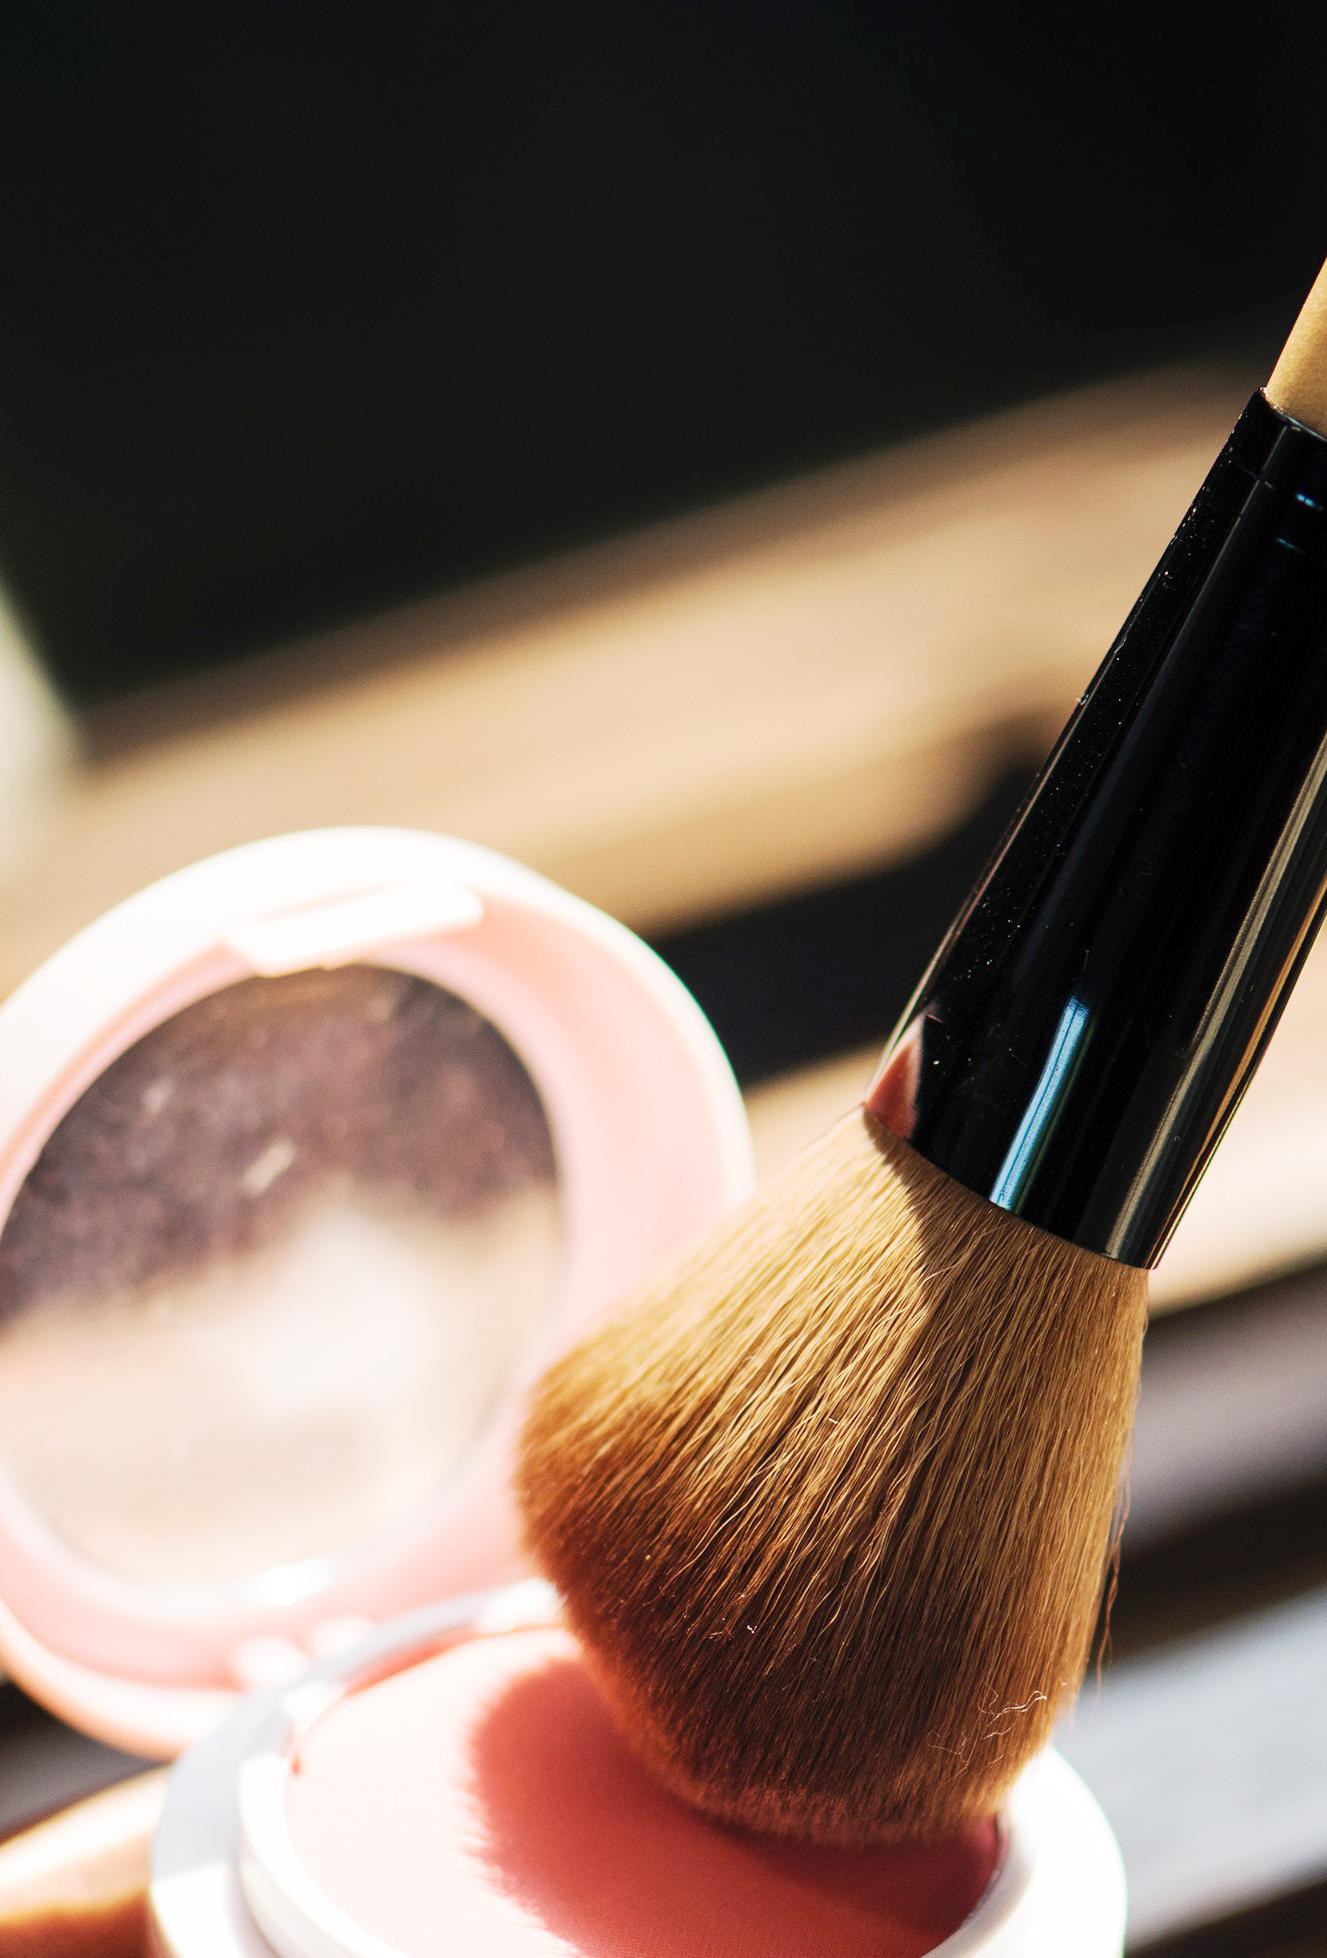 Anwendung von Blush, Rouge verwenden, Blush benutzen, Make-up Tipps, welcher Blush für welchen Hauttyp, beauty Tipps zu Blush,